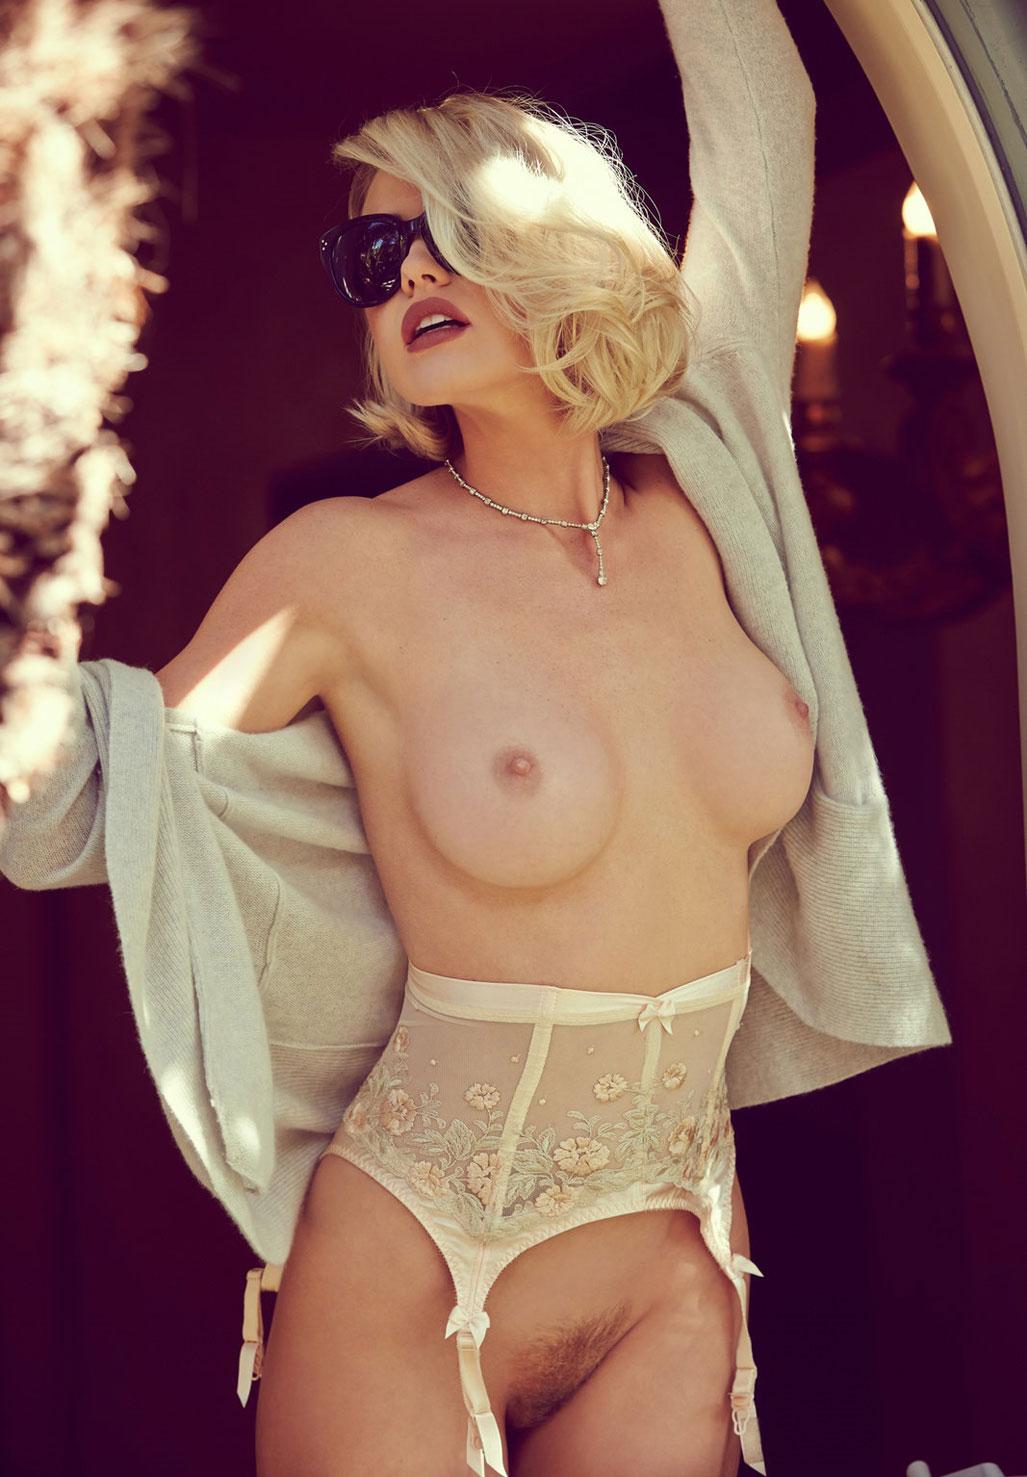 подборка фотографий сексуальных голых девушек - Kayslee Collins